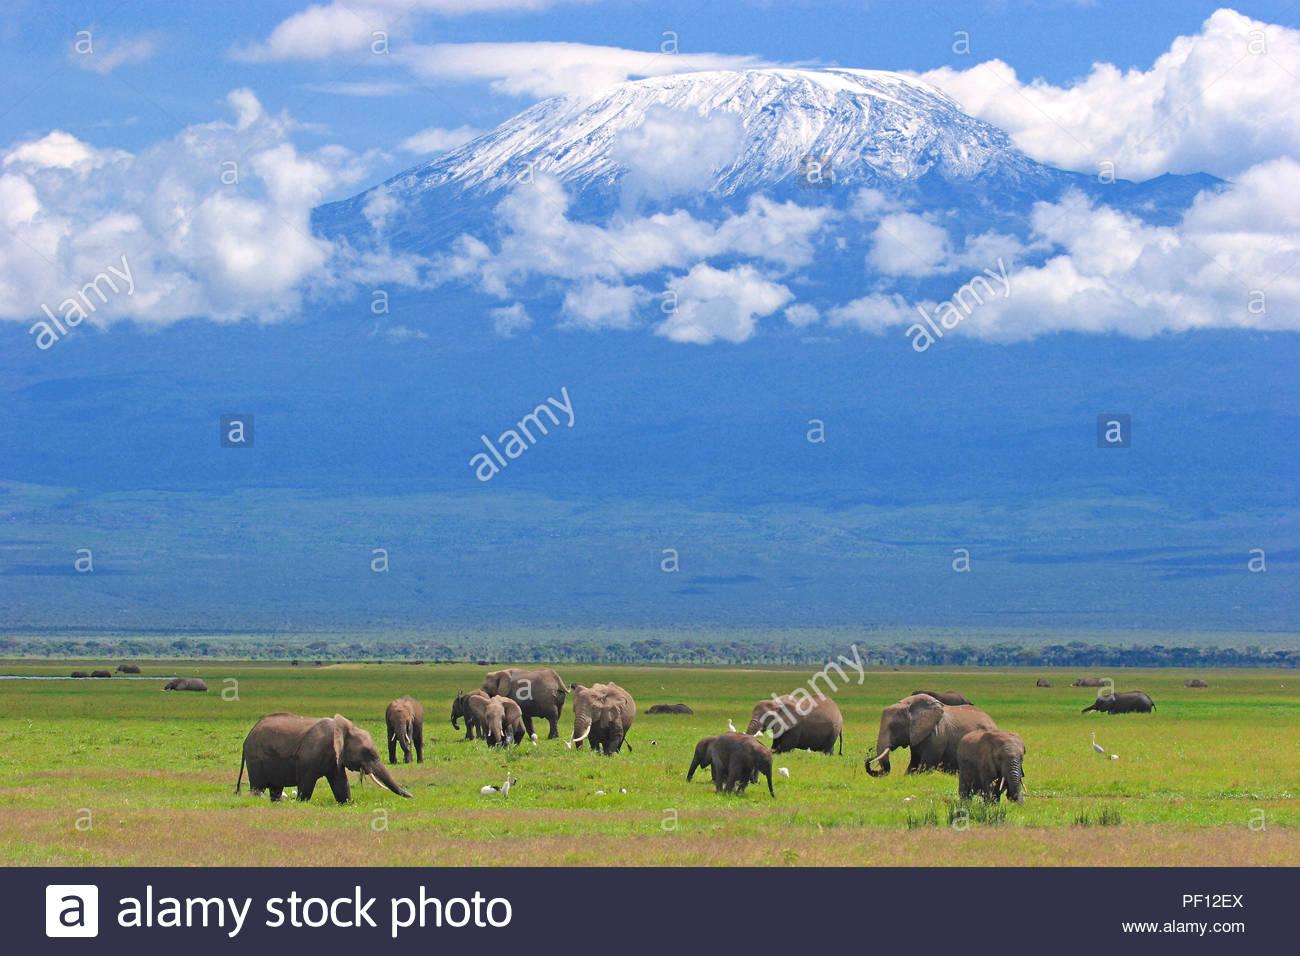 African bush elephant or African elephant (Loxodonta africana), group at Mount Kilimanjaro, Amboseli Nationalpark, Kenya - Stock Image